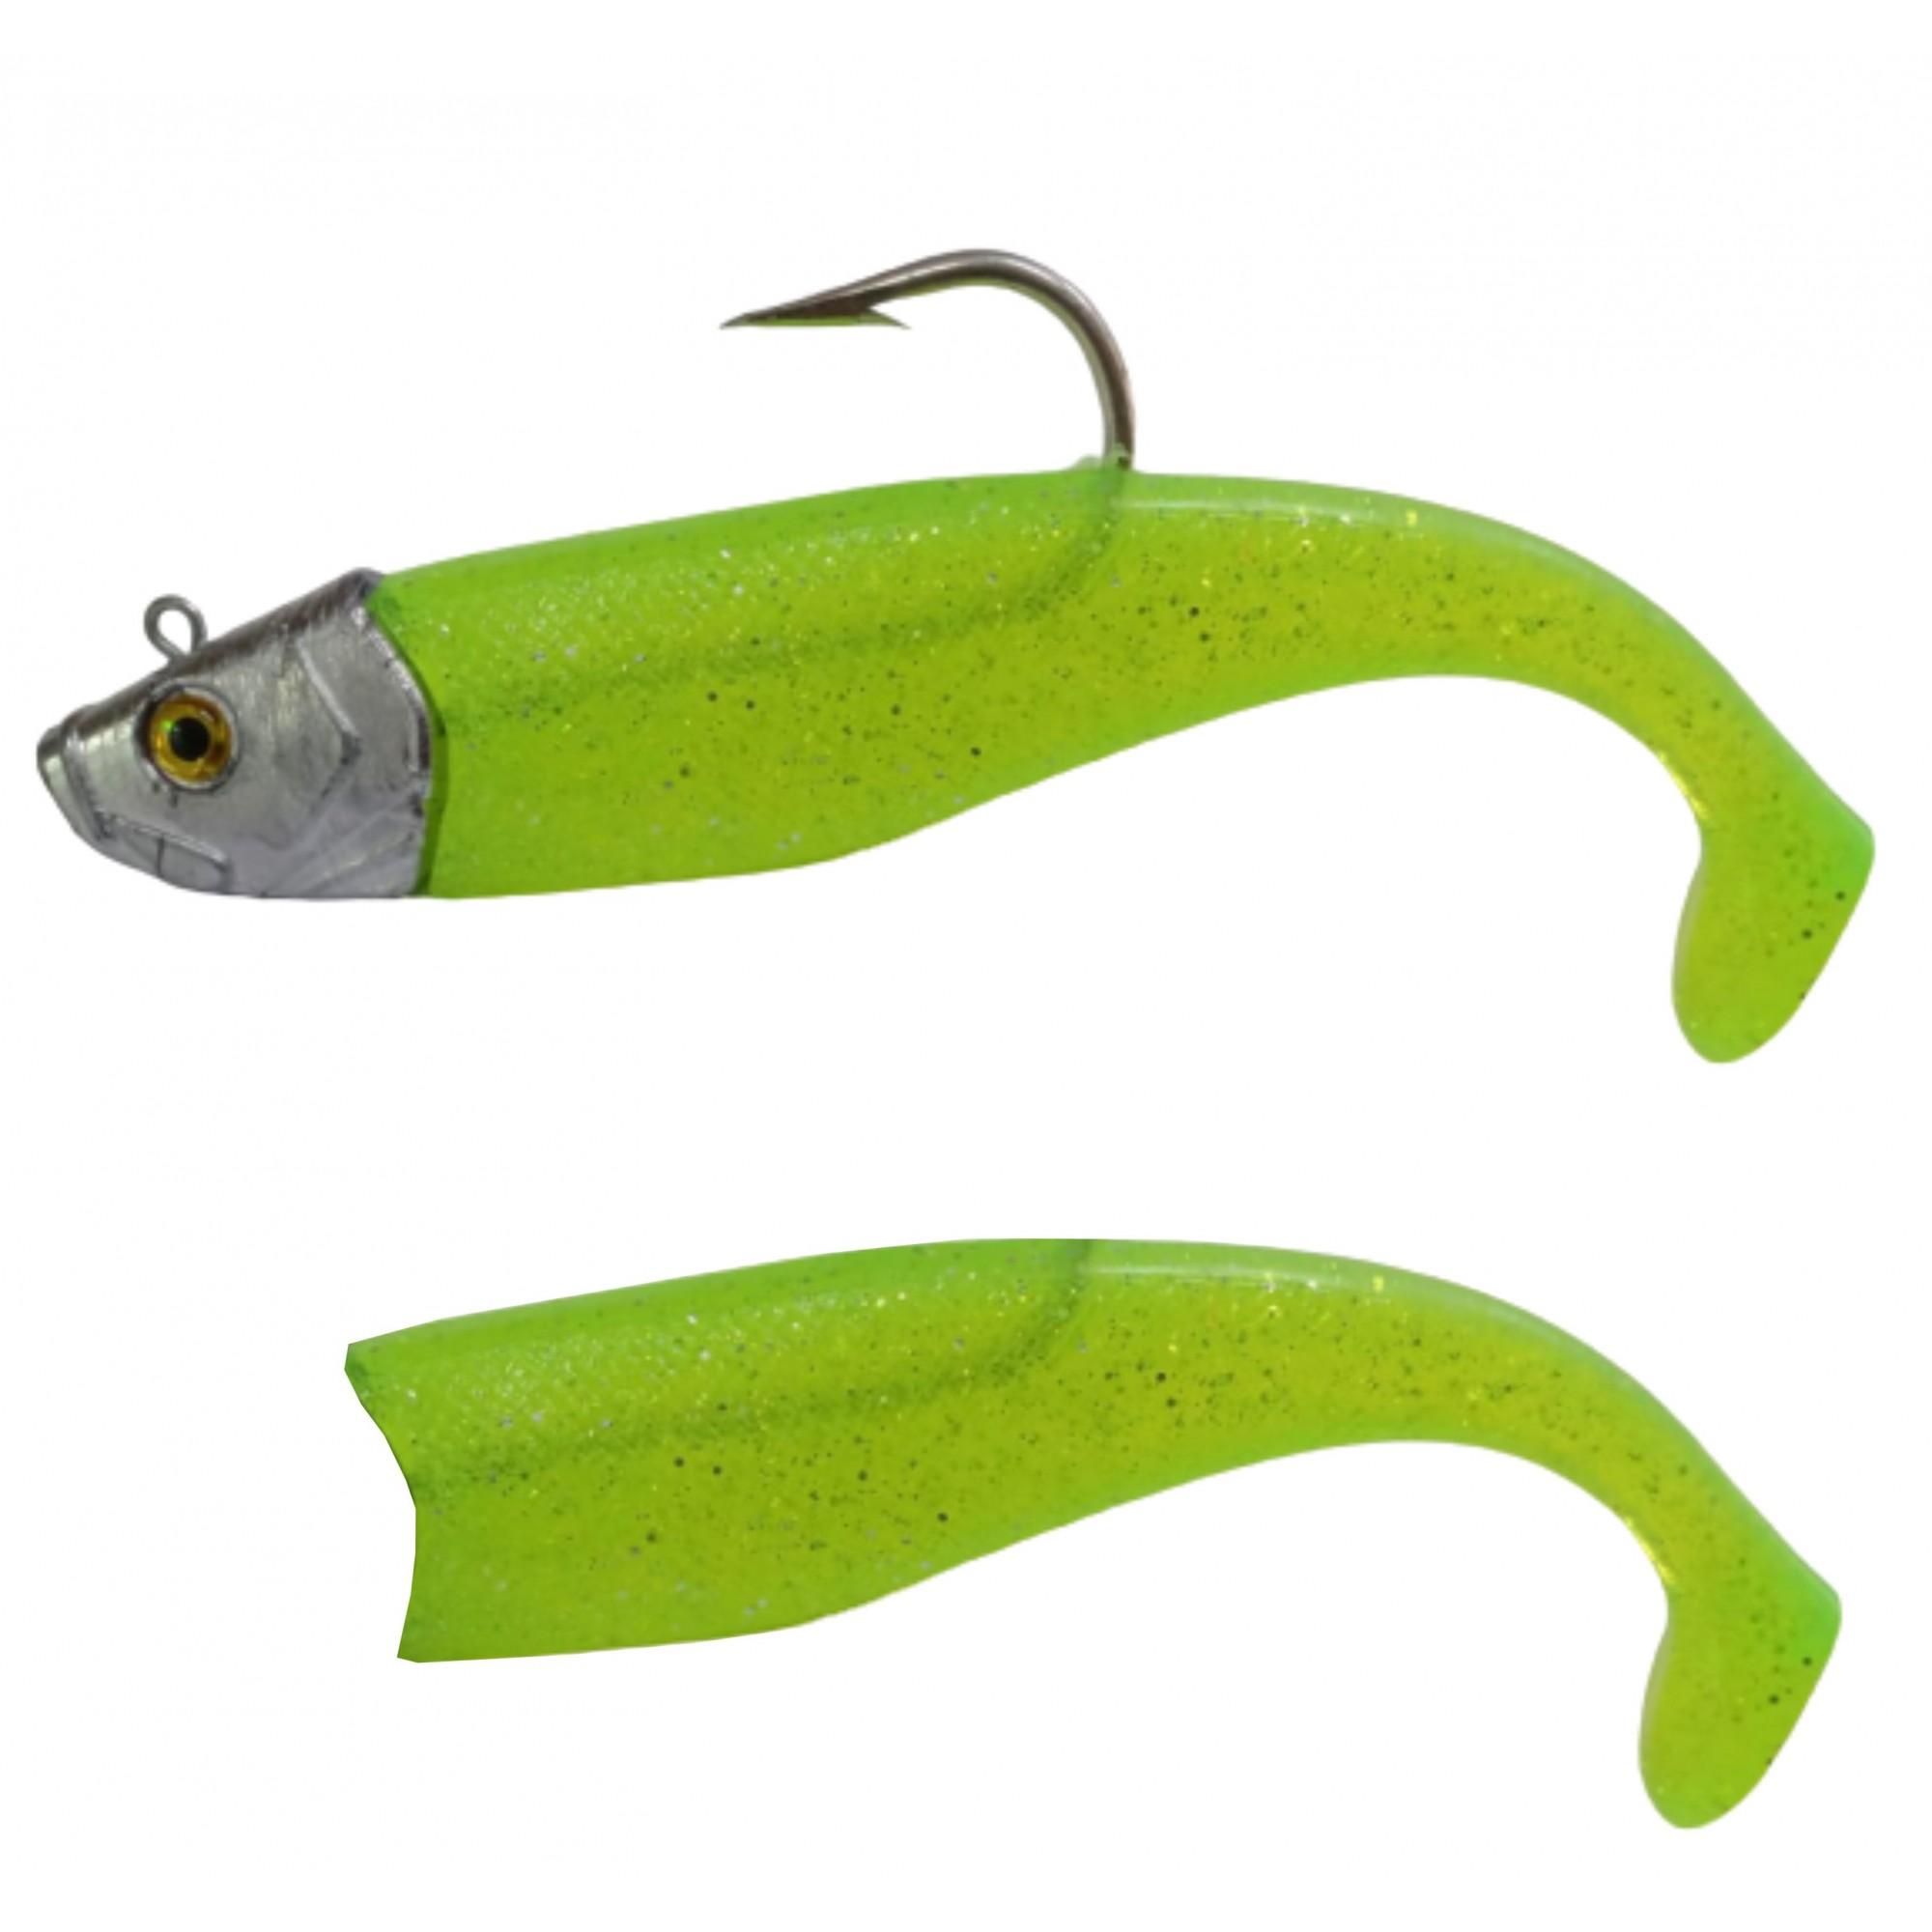 Isca Artificial Shad 400g 21cm Verde Limão Kruel